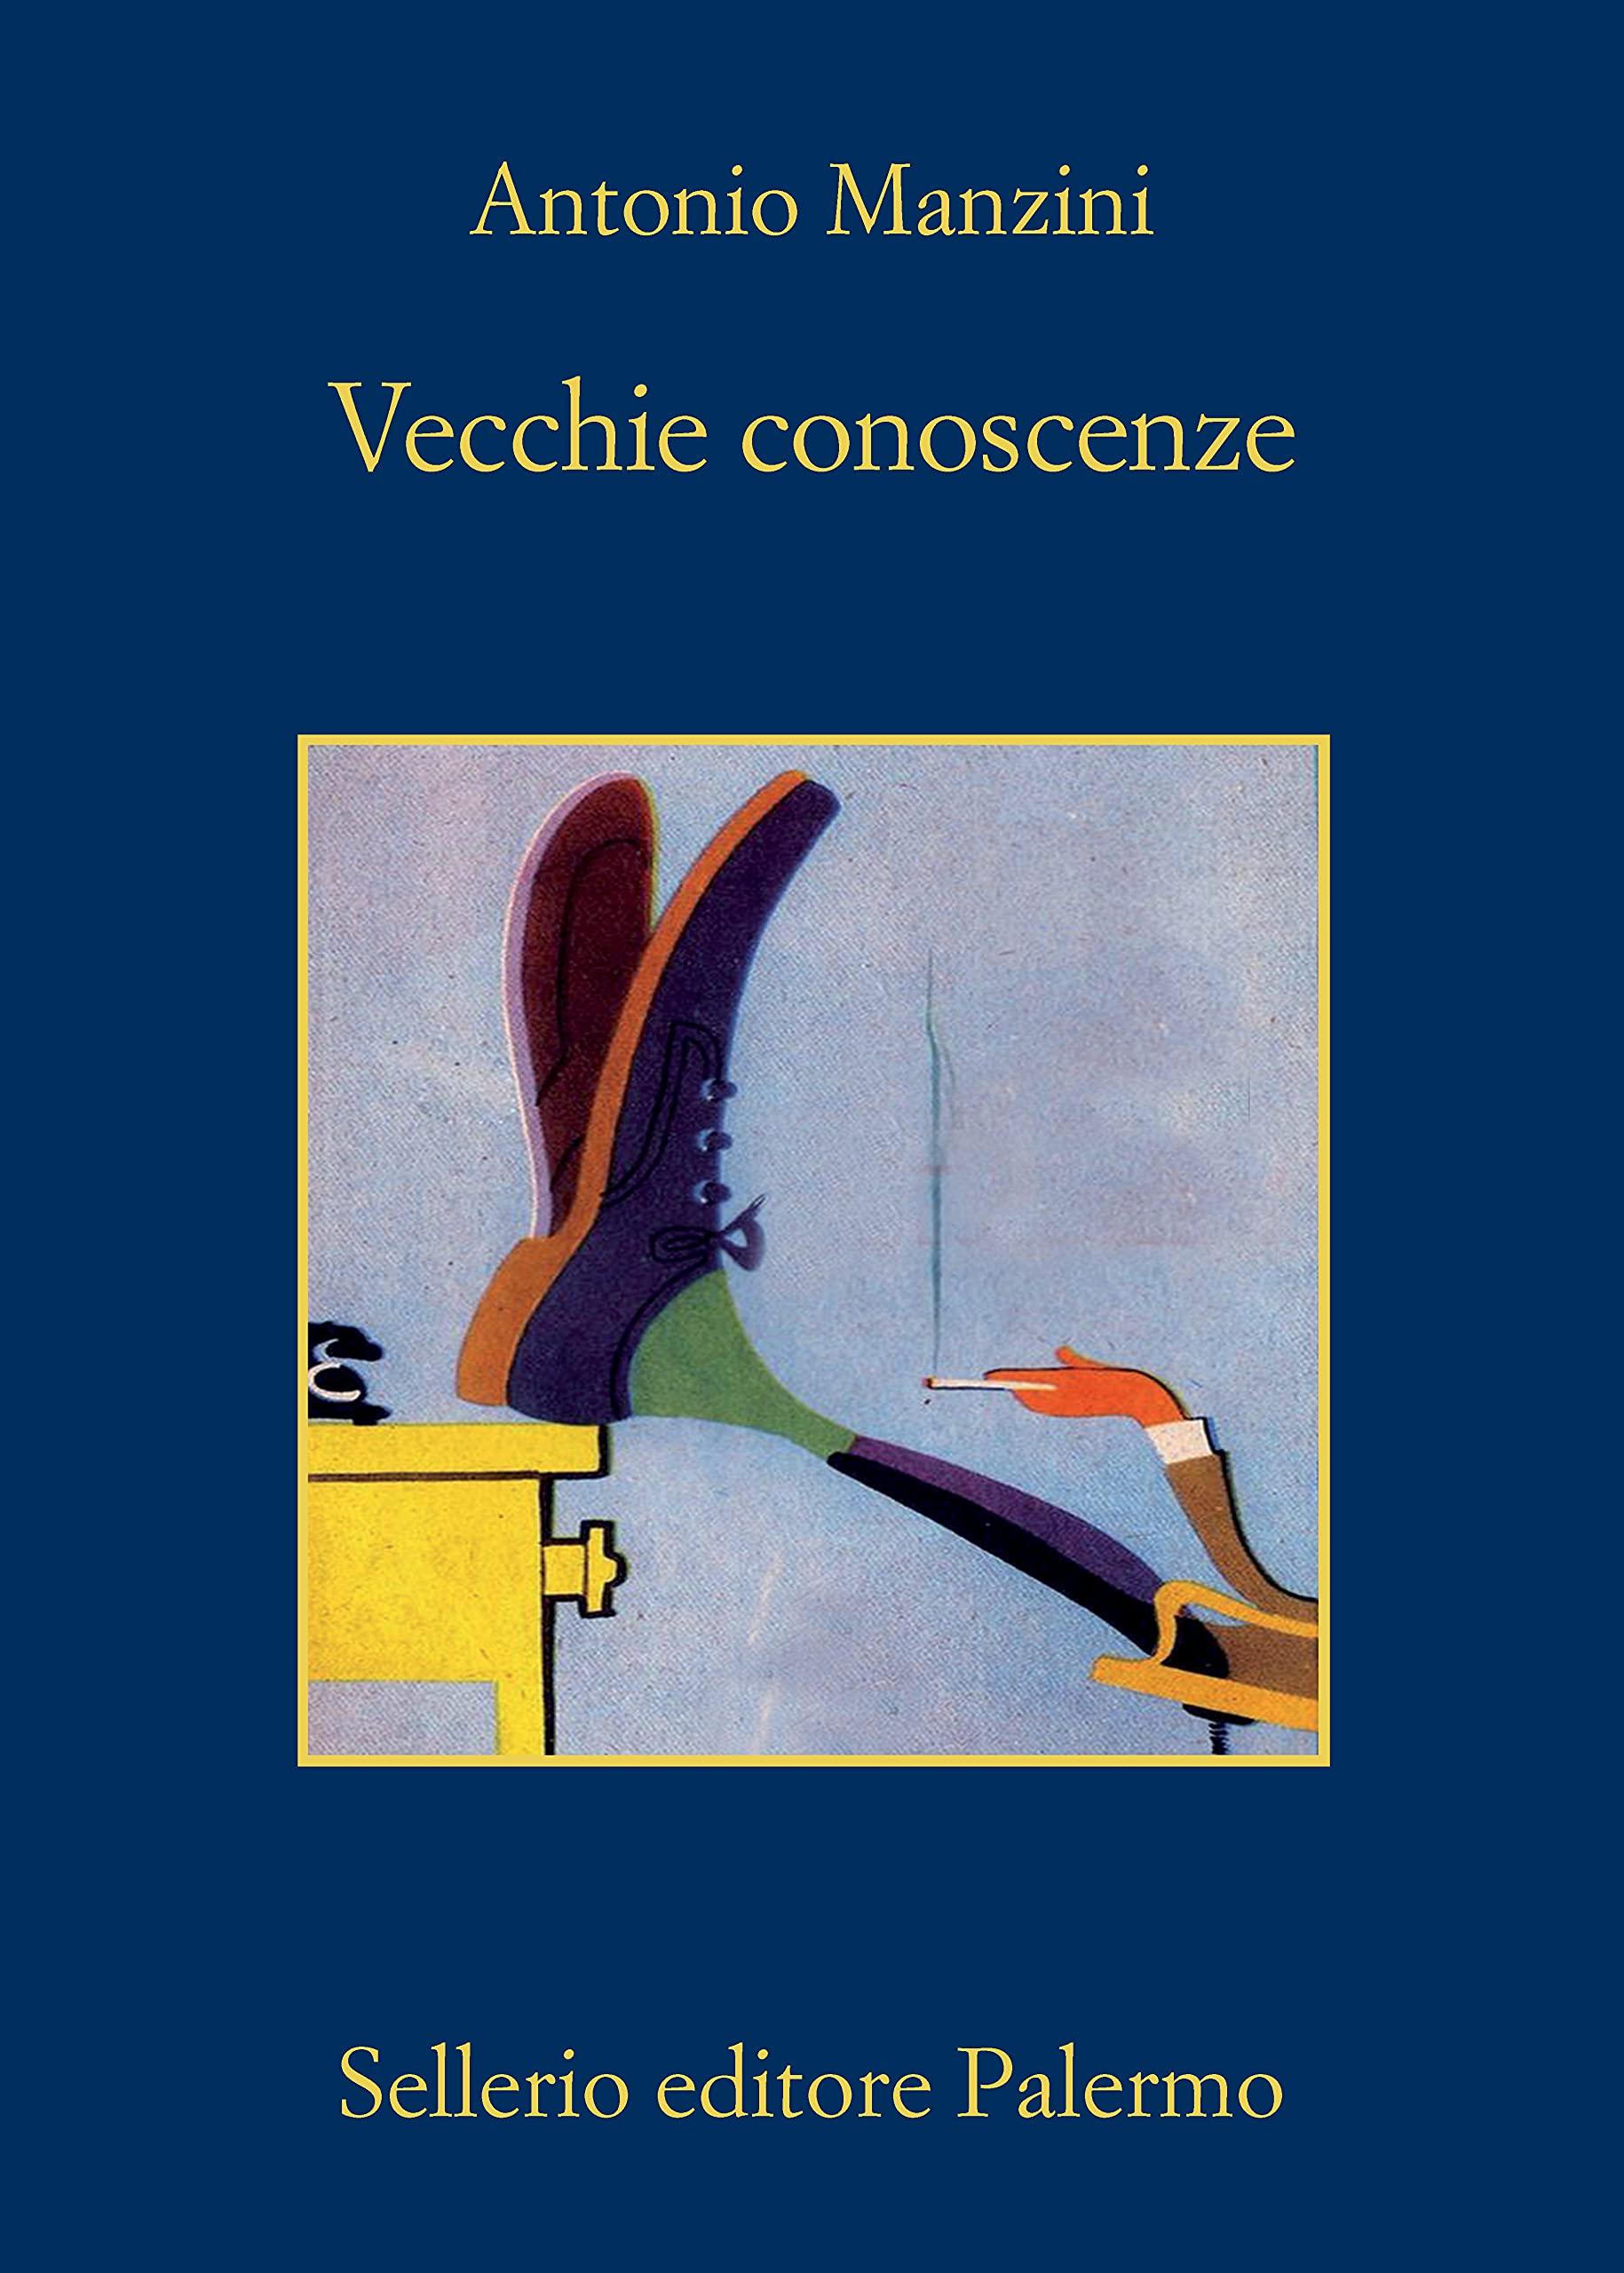 Vecchie conoscenze : Manzini, Antonio: Amazon.it: Libri